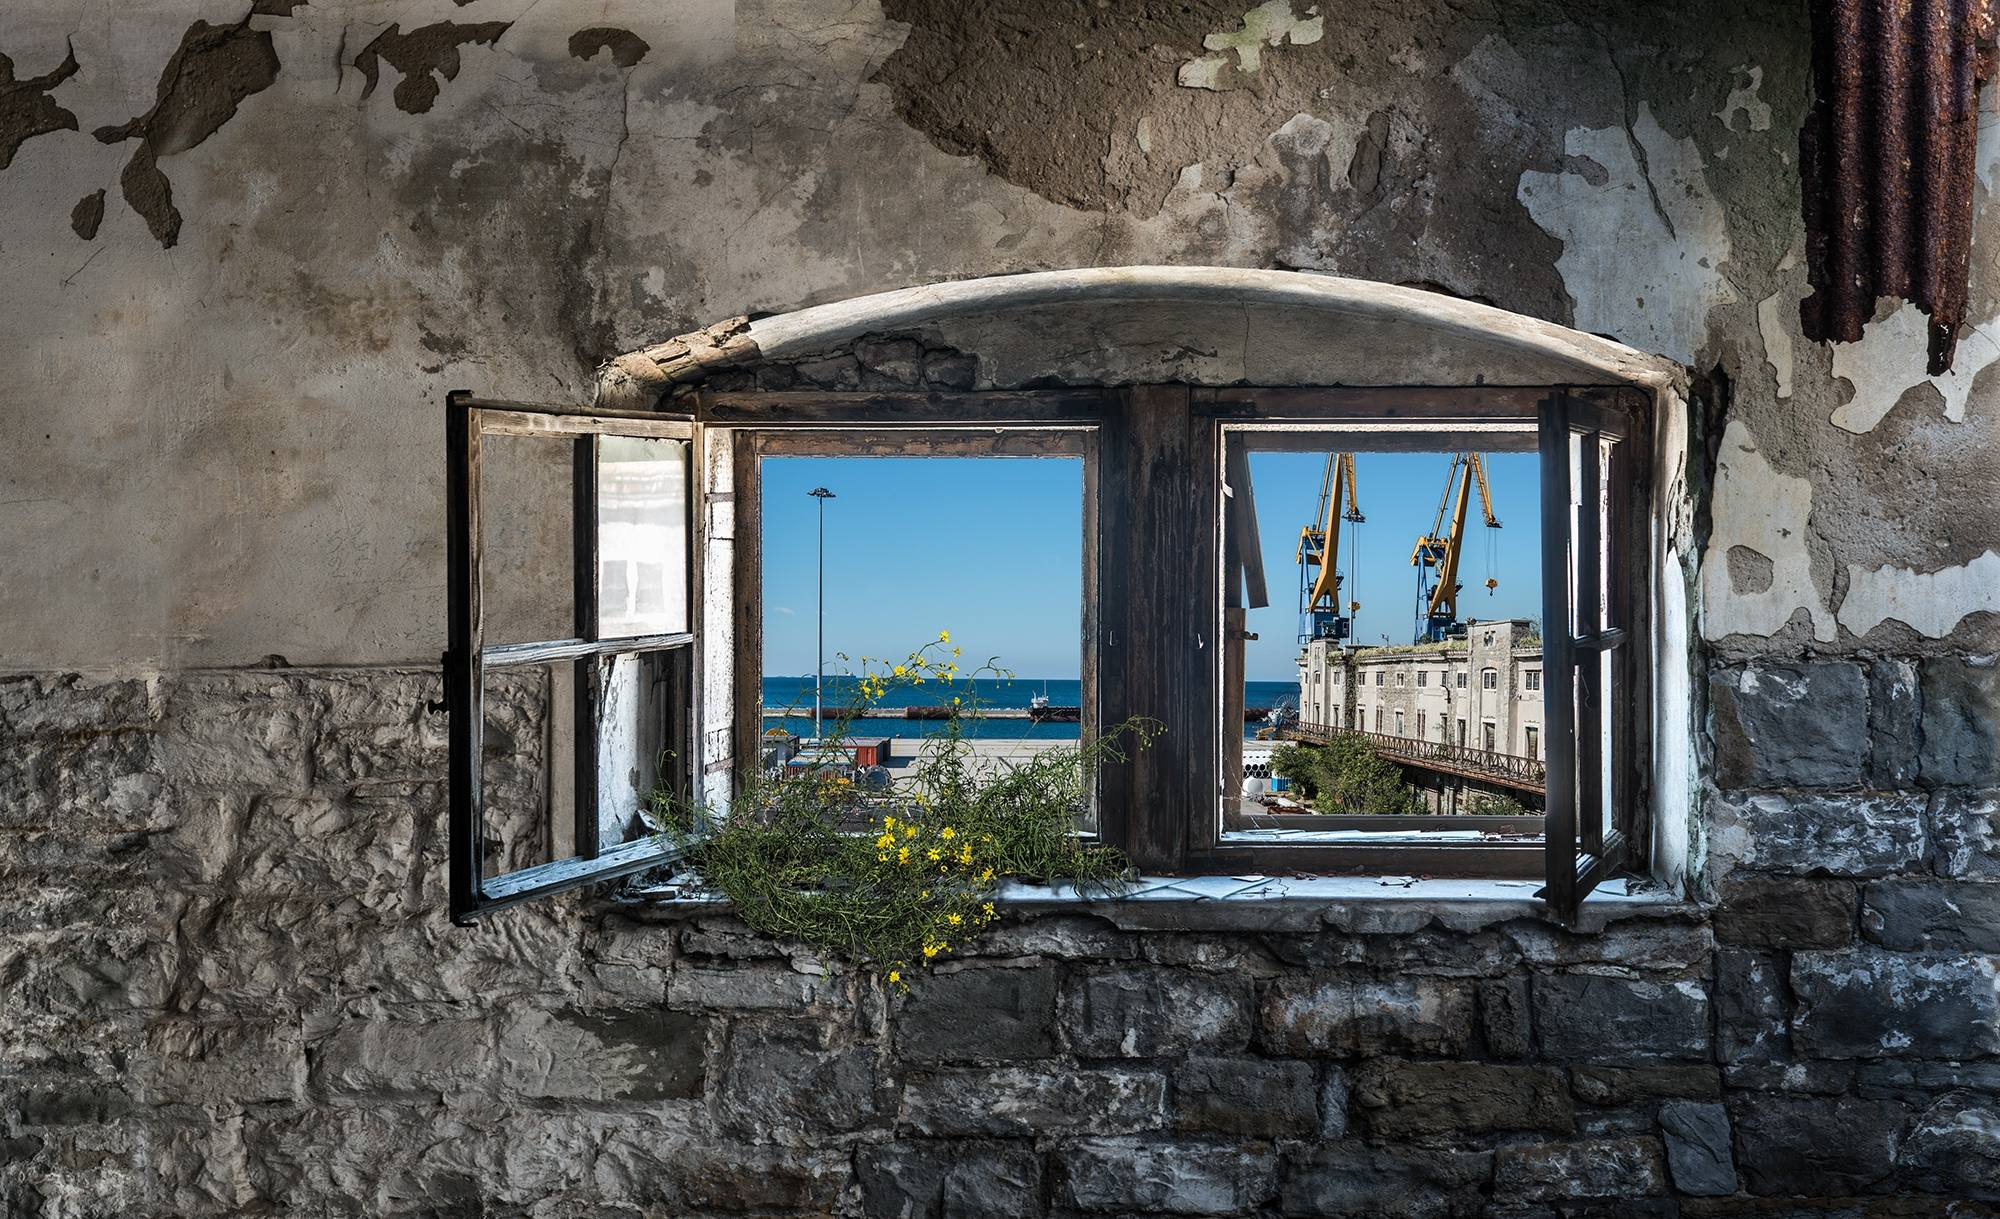 Trieste una finestra aperta su un mare di possibilit ppan for Disegno di finestra aperta